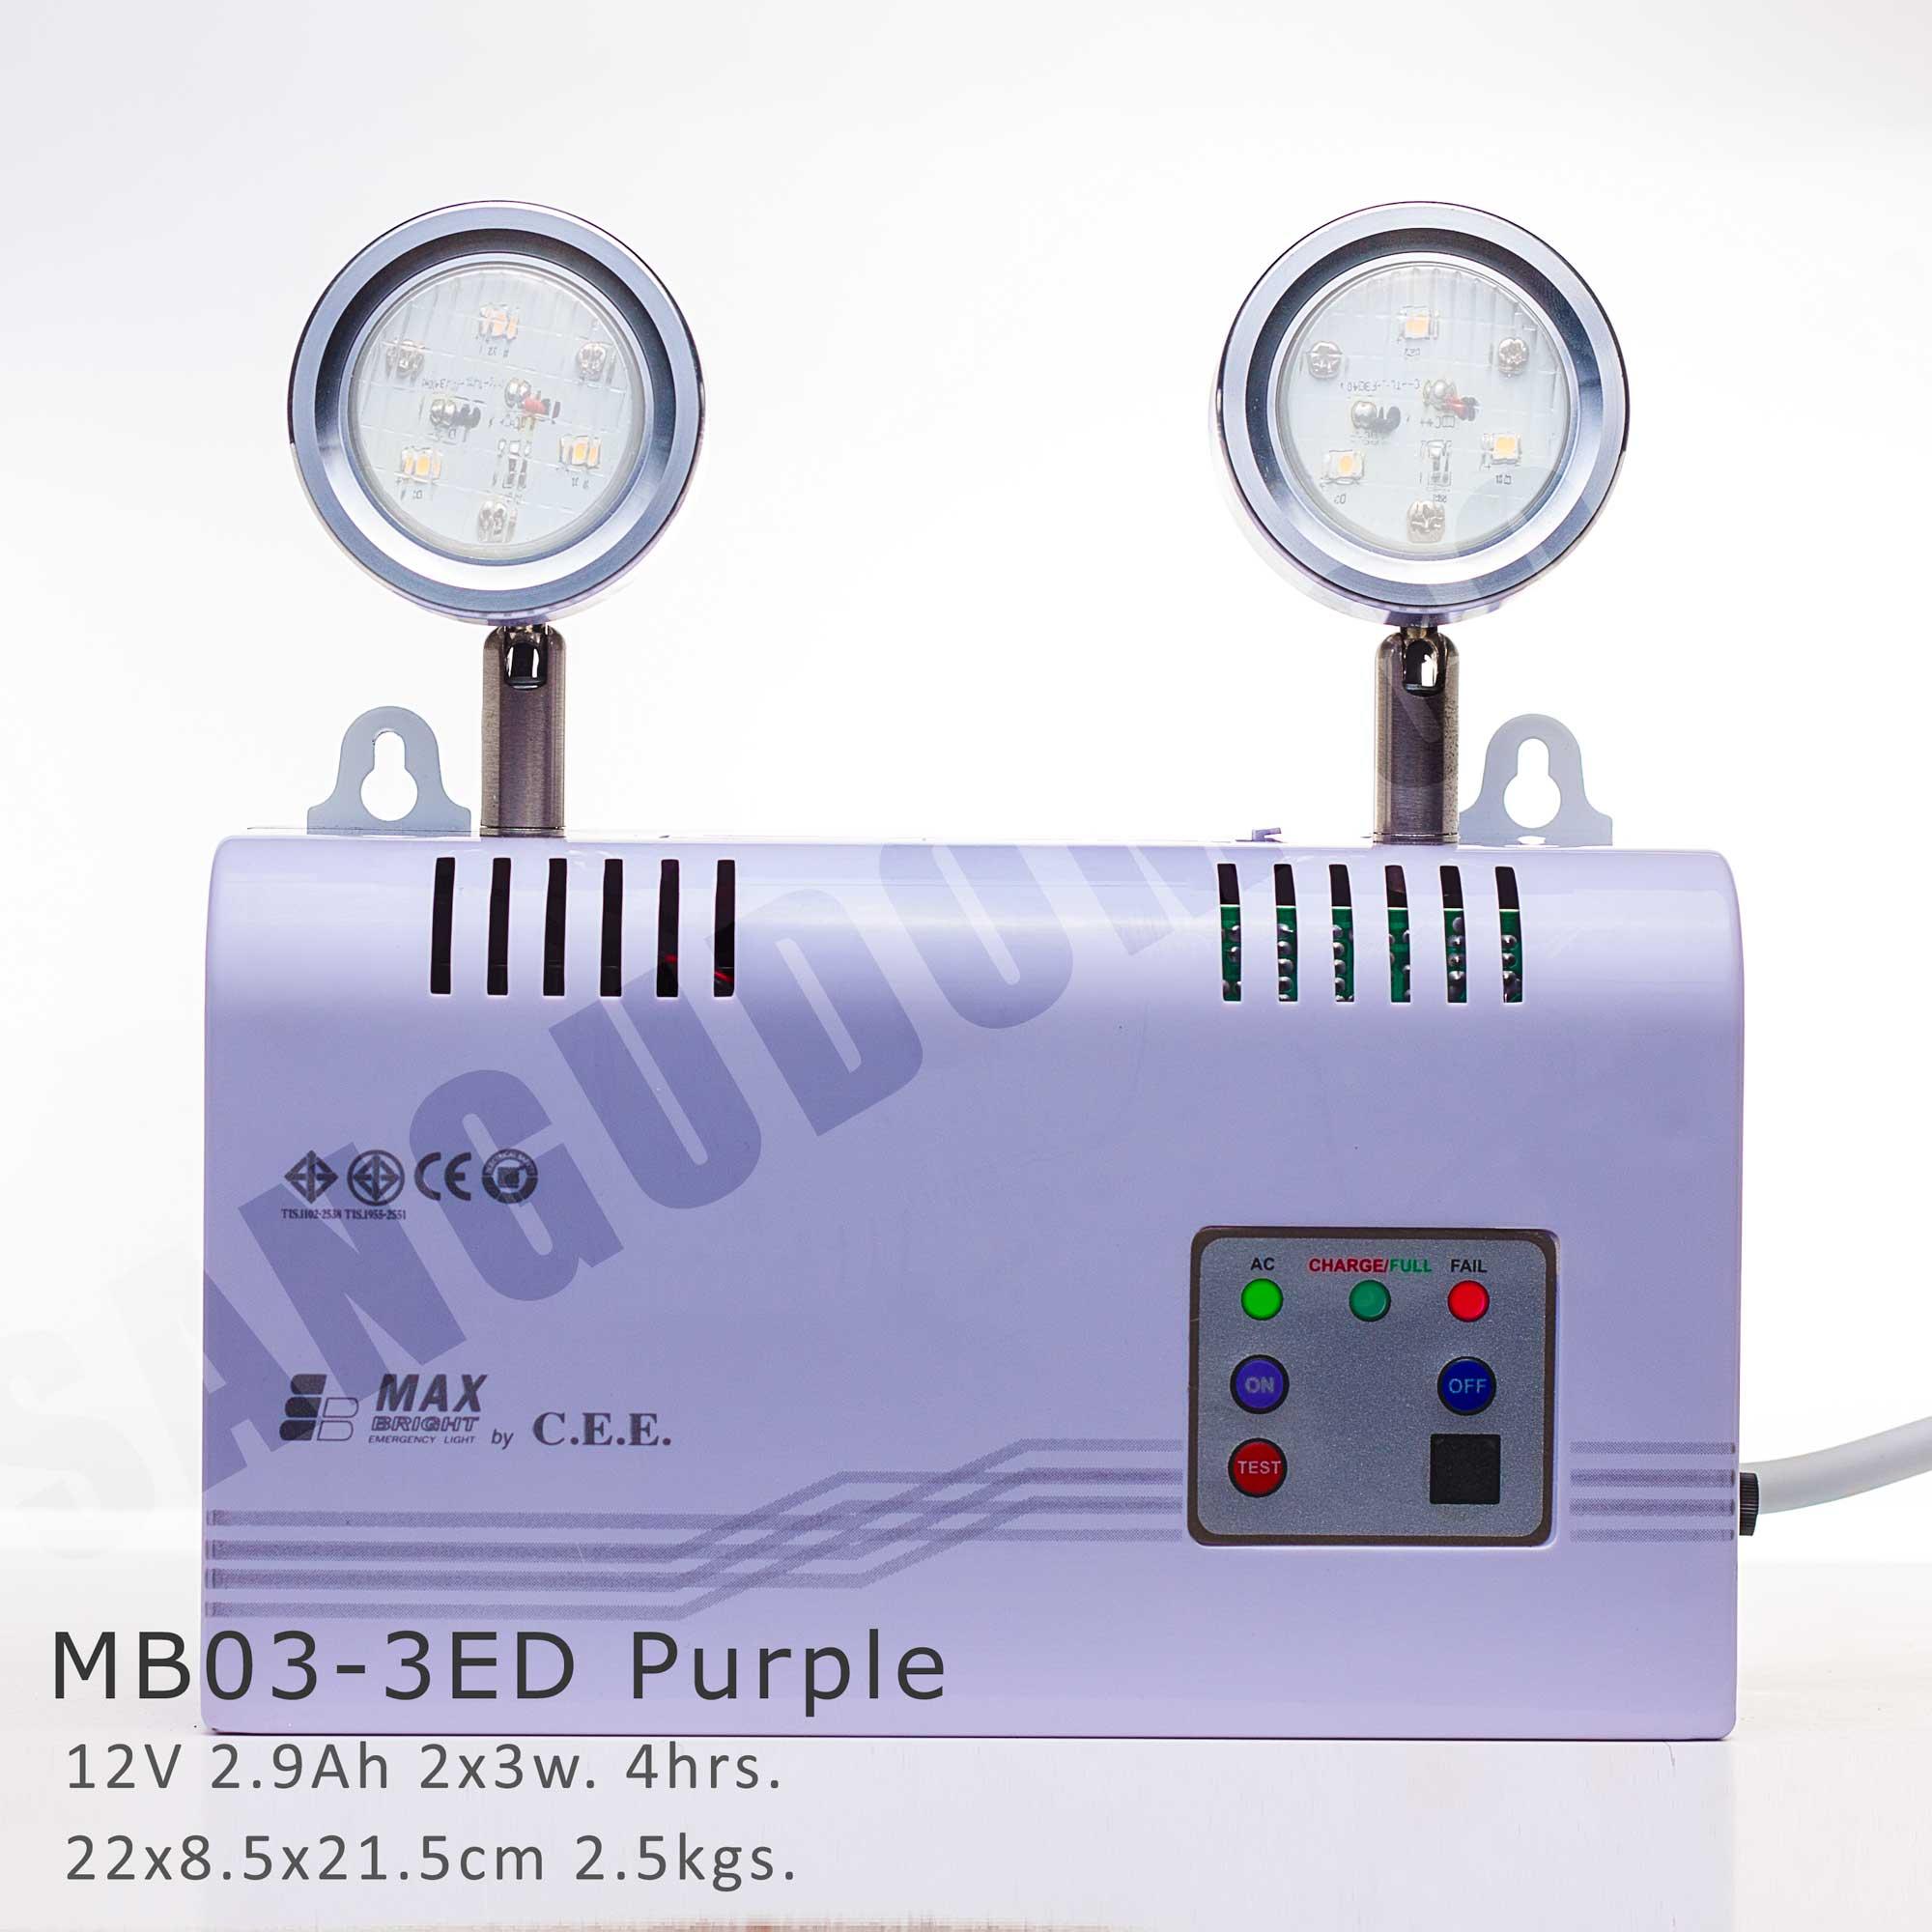 โคมไฟฉุกเฉิน LED 2 หลอด 3 watt 12V 2.9Ah 4hrs สีม่วง MB03-3ED MAX BRIGHT Emergency Light